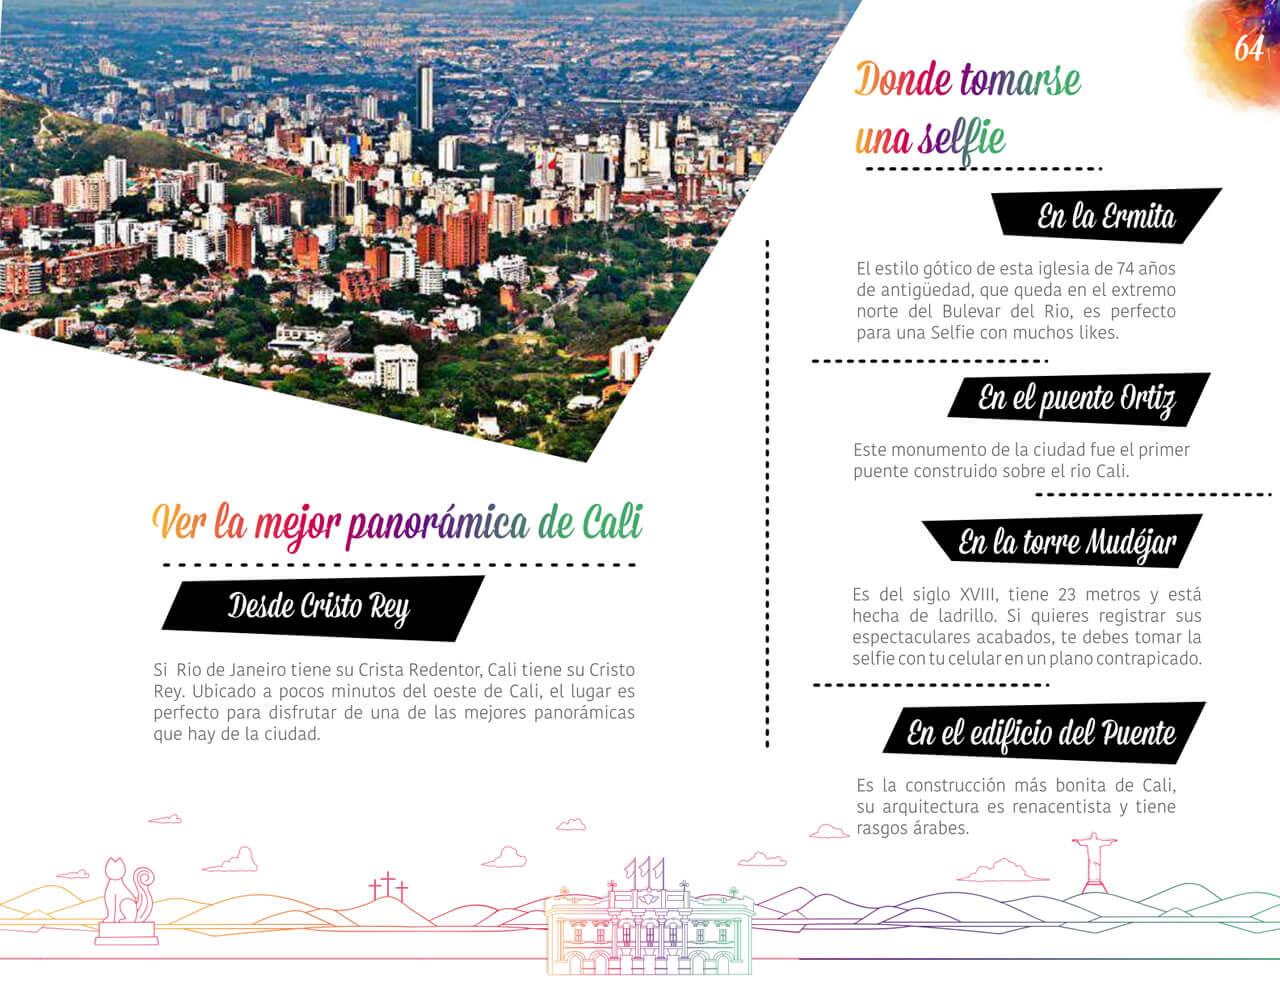 https://www.porkcolombia.co/wp-content/uploads/2018/05/4.jpg